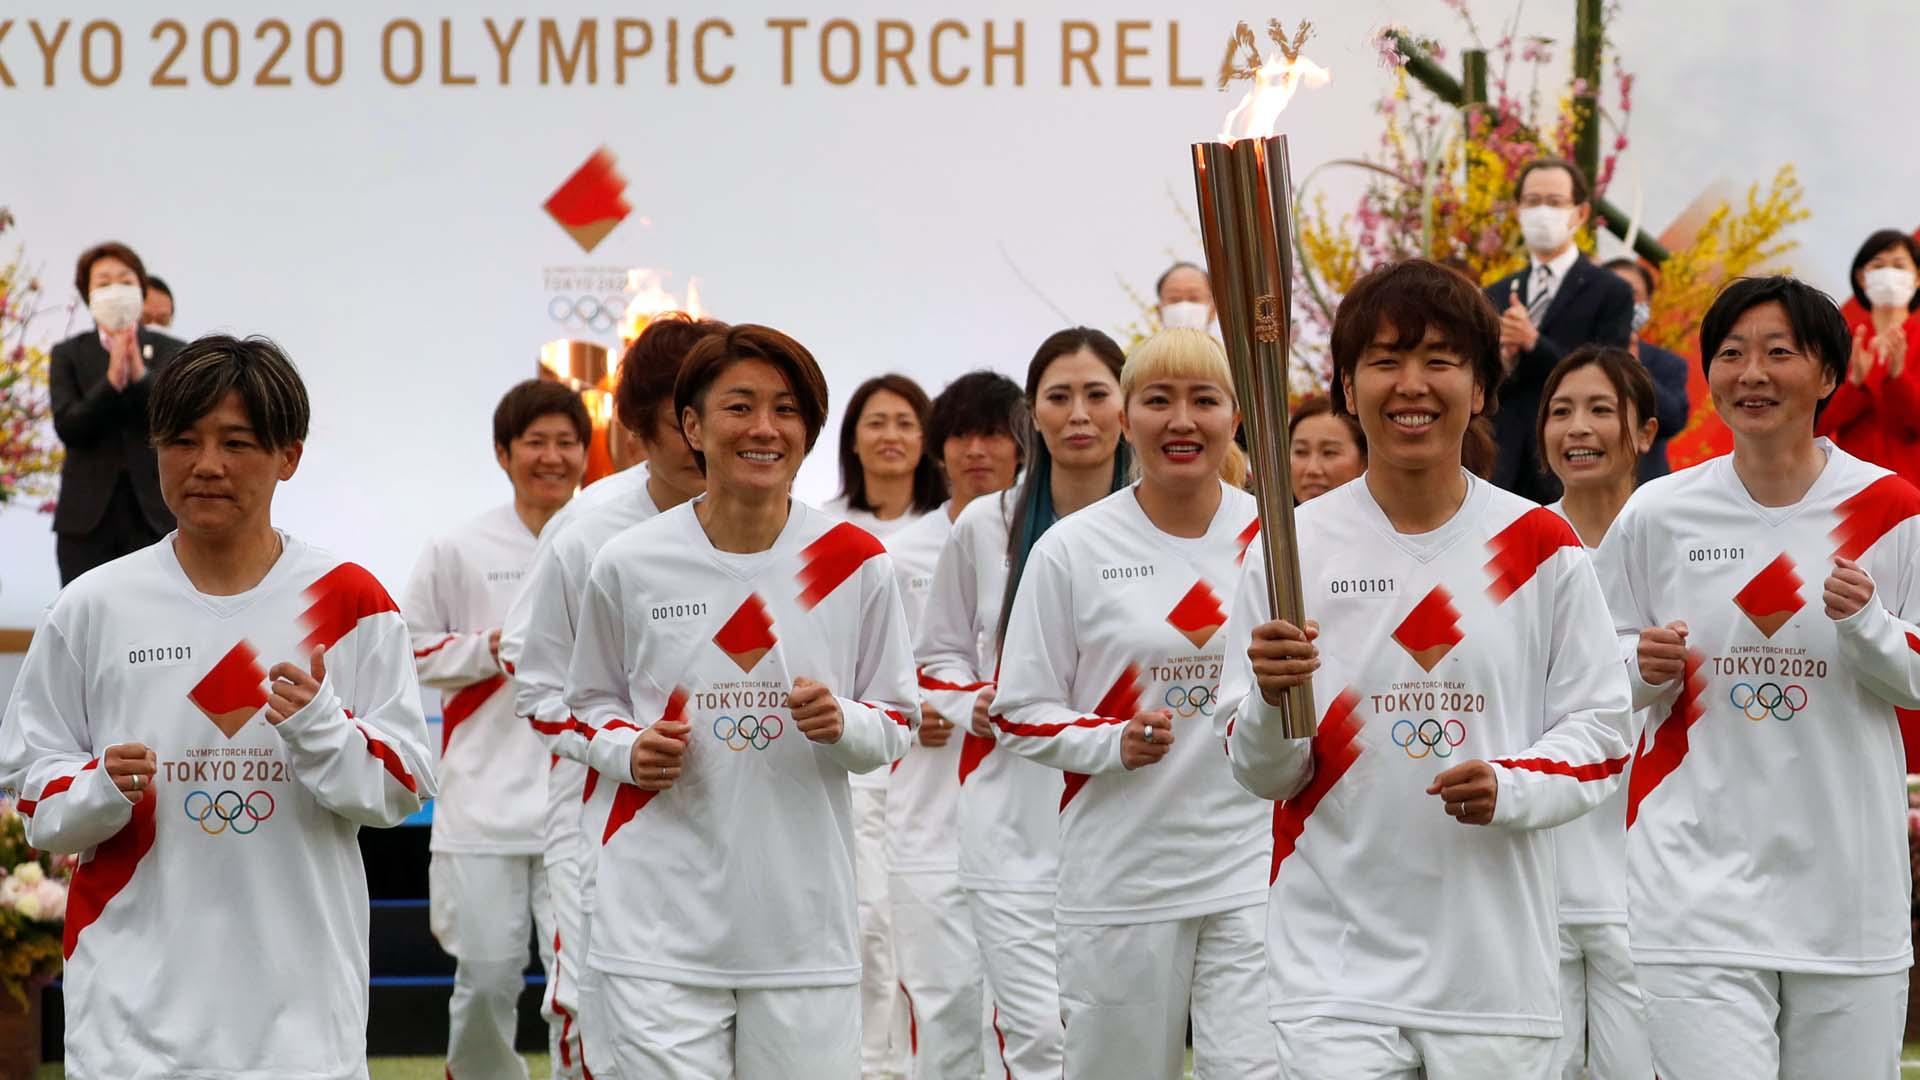 '도쿄 올림픽 불꽃 놀이'봉송 길 출발 1 년 만에 우려